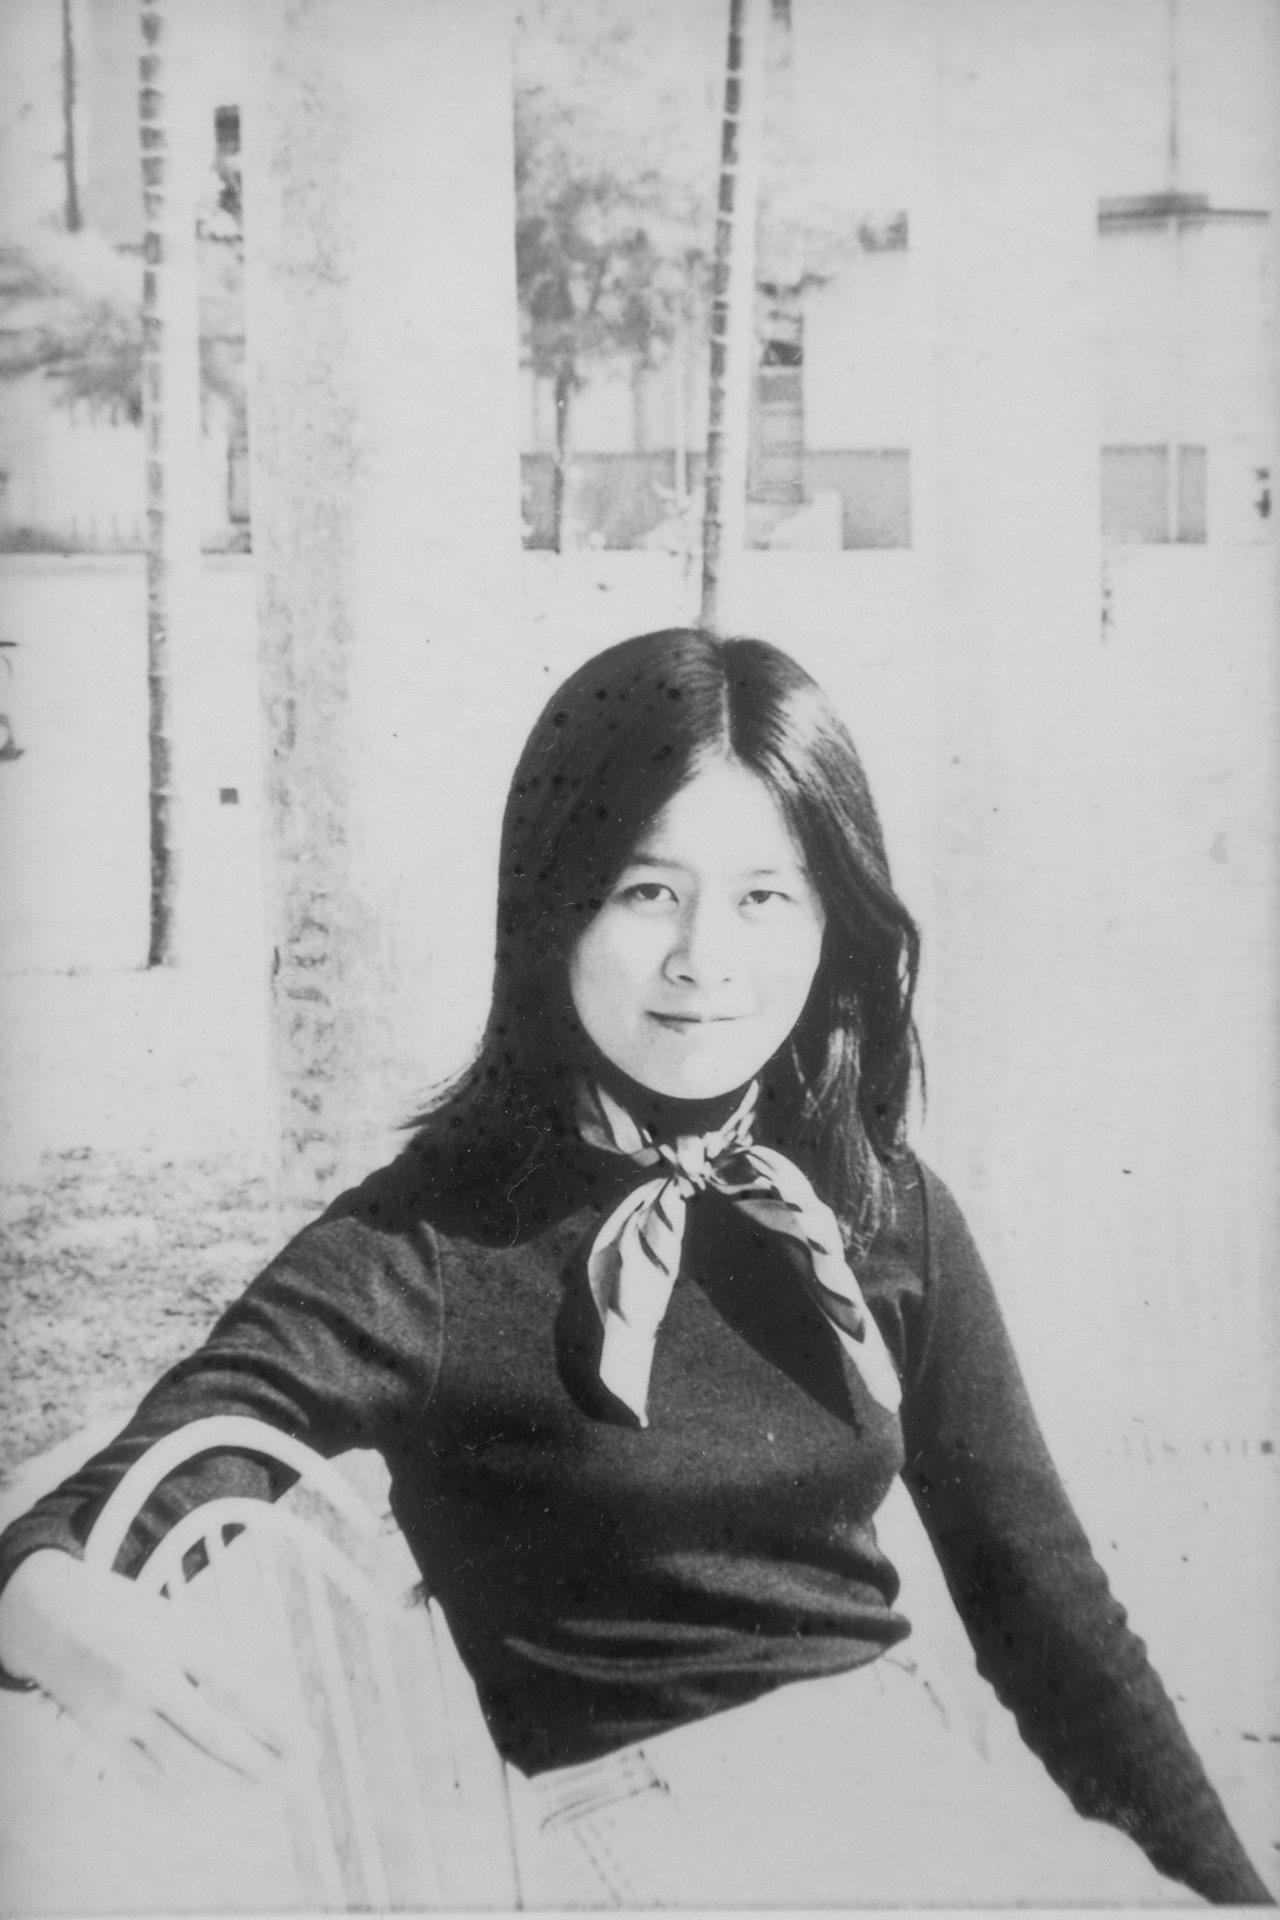 陳怡蓁在台大時是文藝少女。圖/陳怡蓁提供、陳立凱翻攝